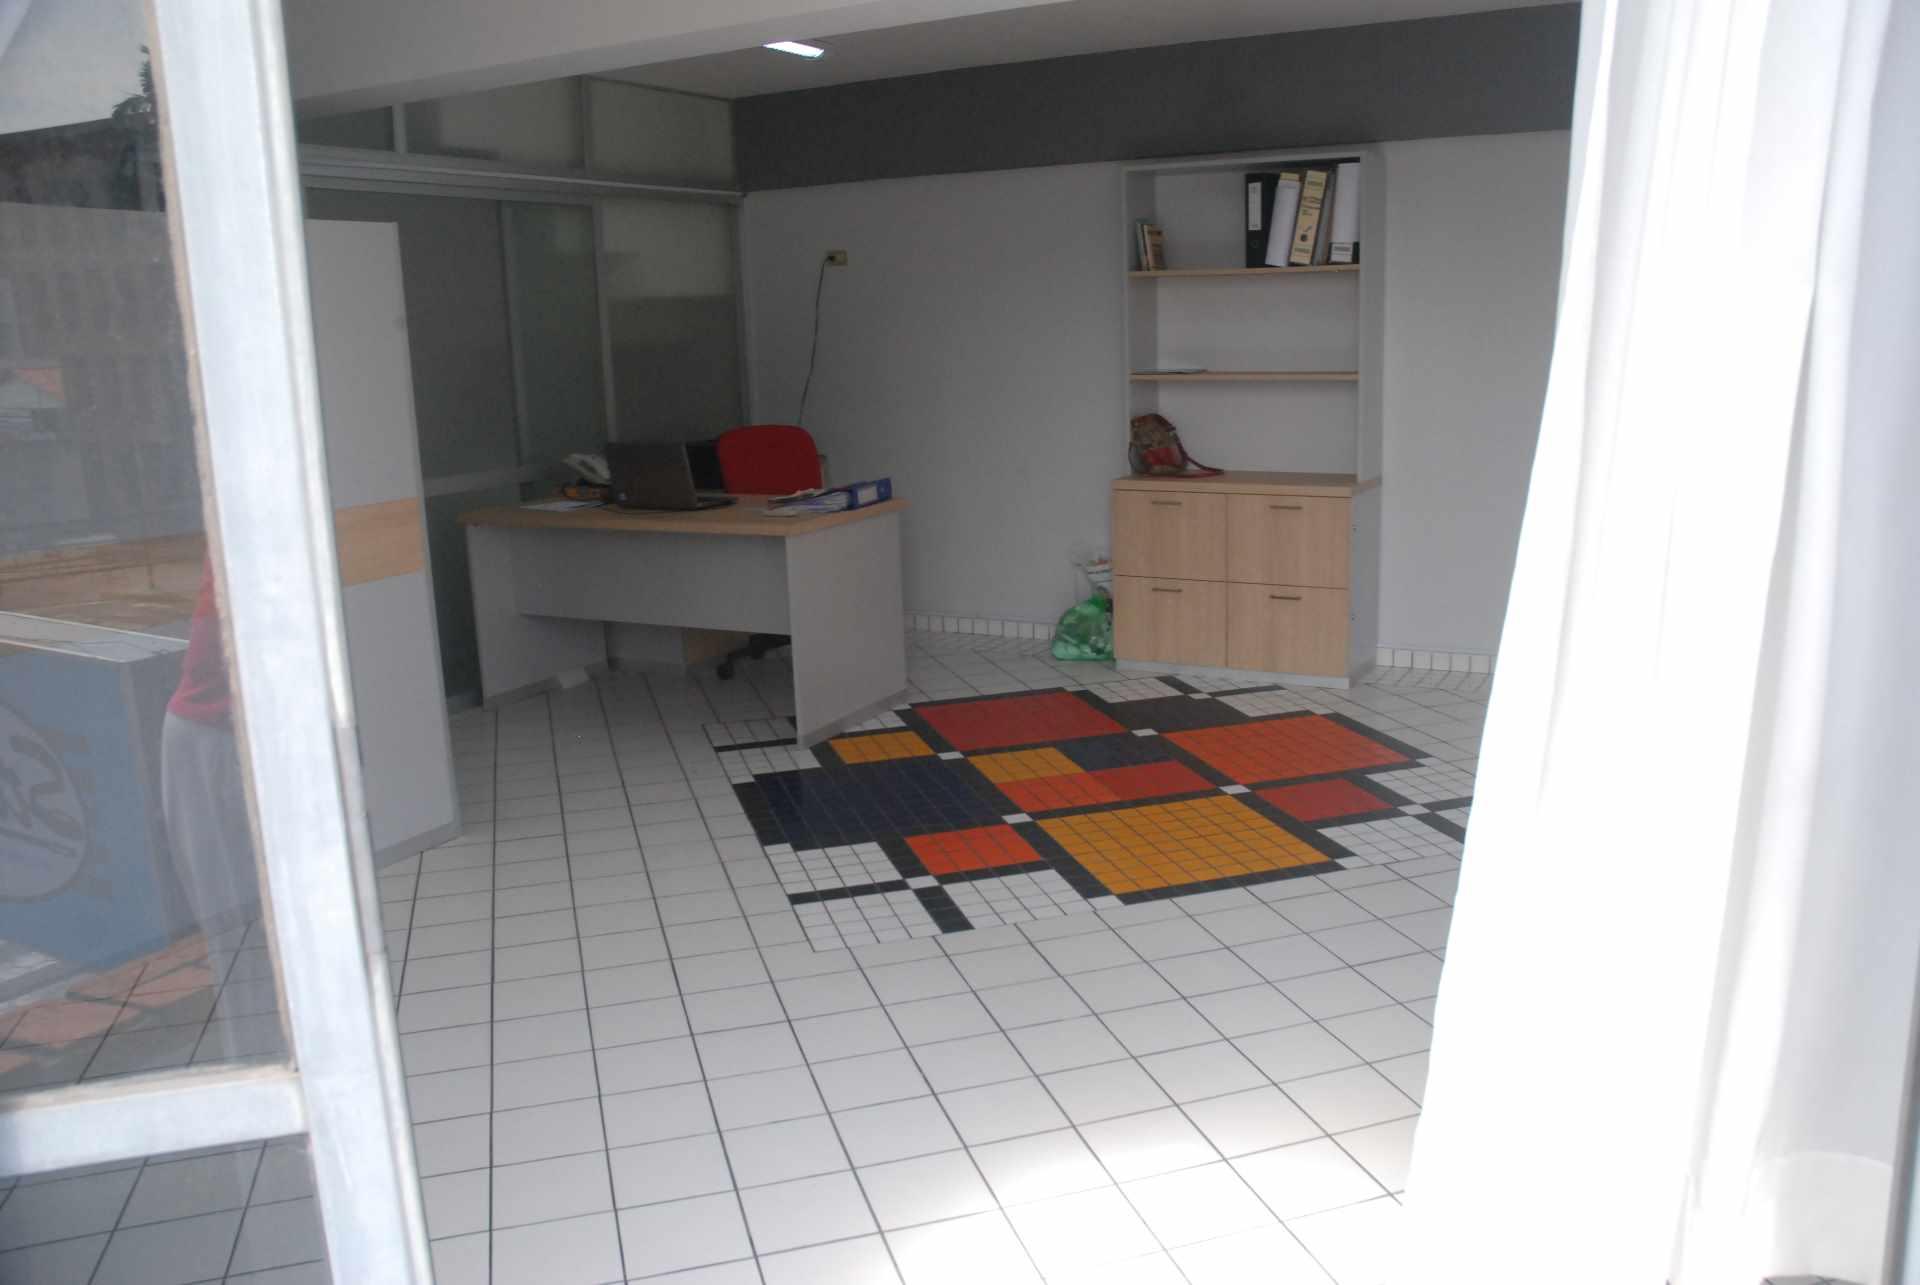 Oficina en Alquiler Cerca del colegio Cristo Rey y Avenida Irala, Calle La Riva Foto 5